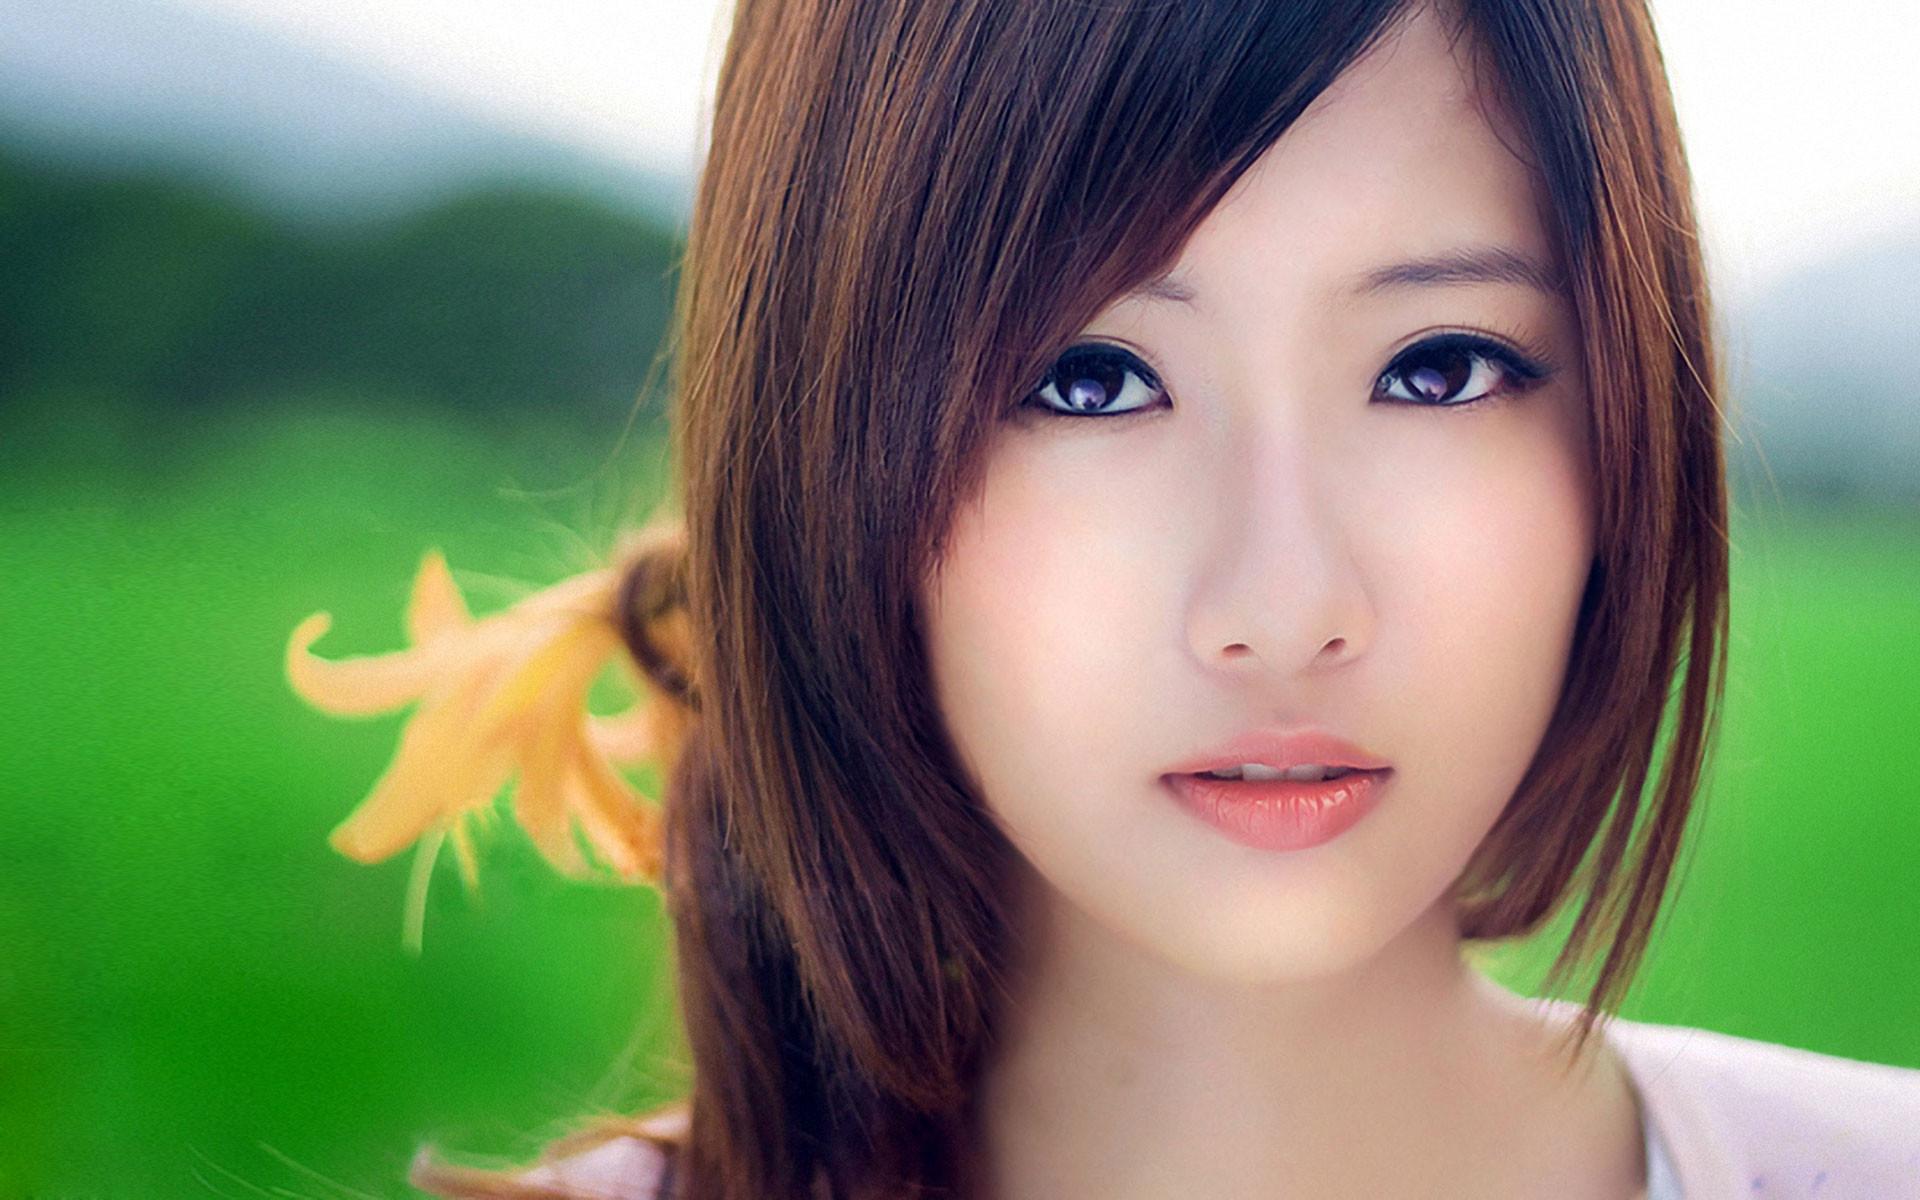 Description: Cute Girl HD Wallpaper is a hi res Wallpaper for pc .